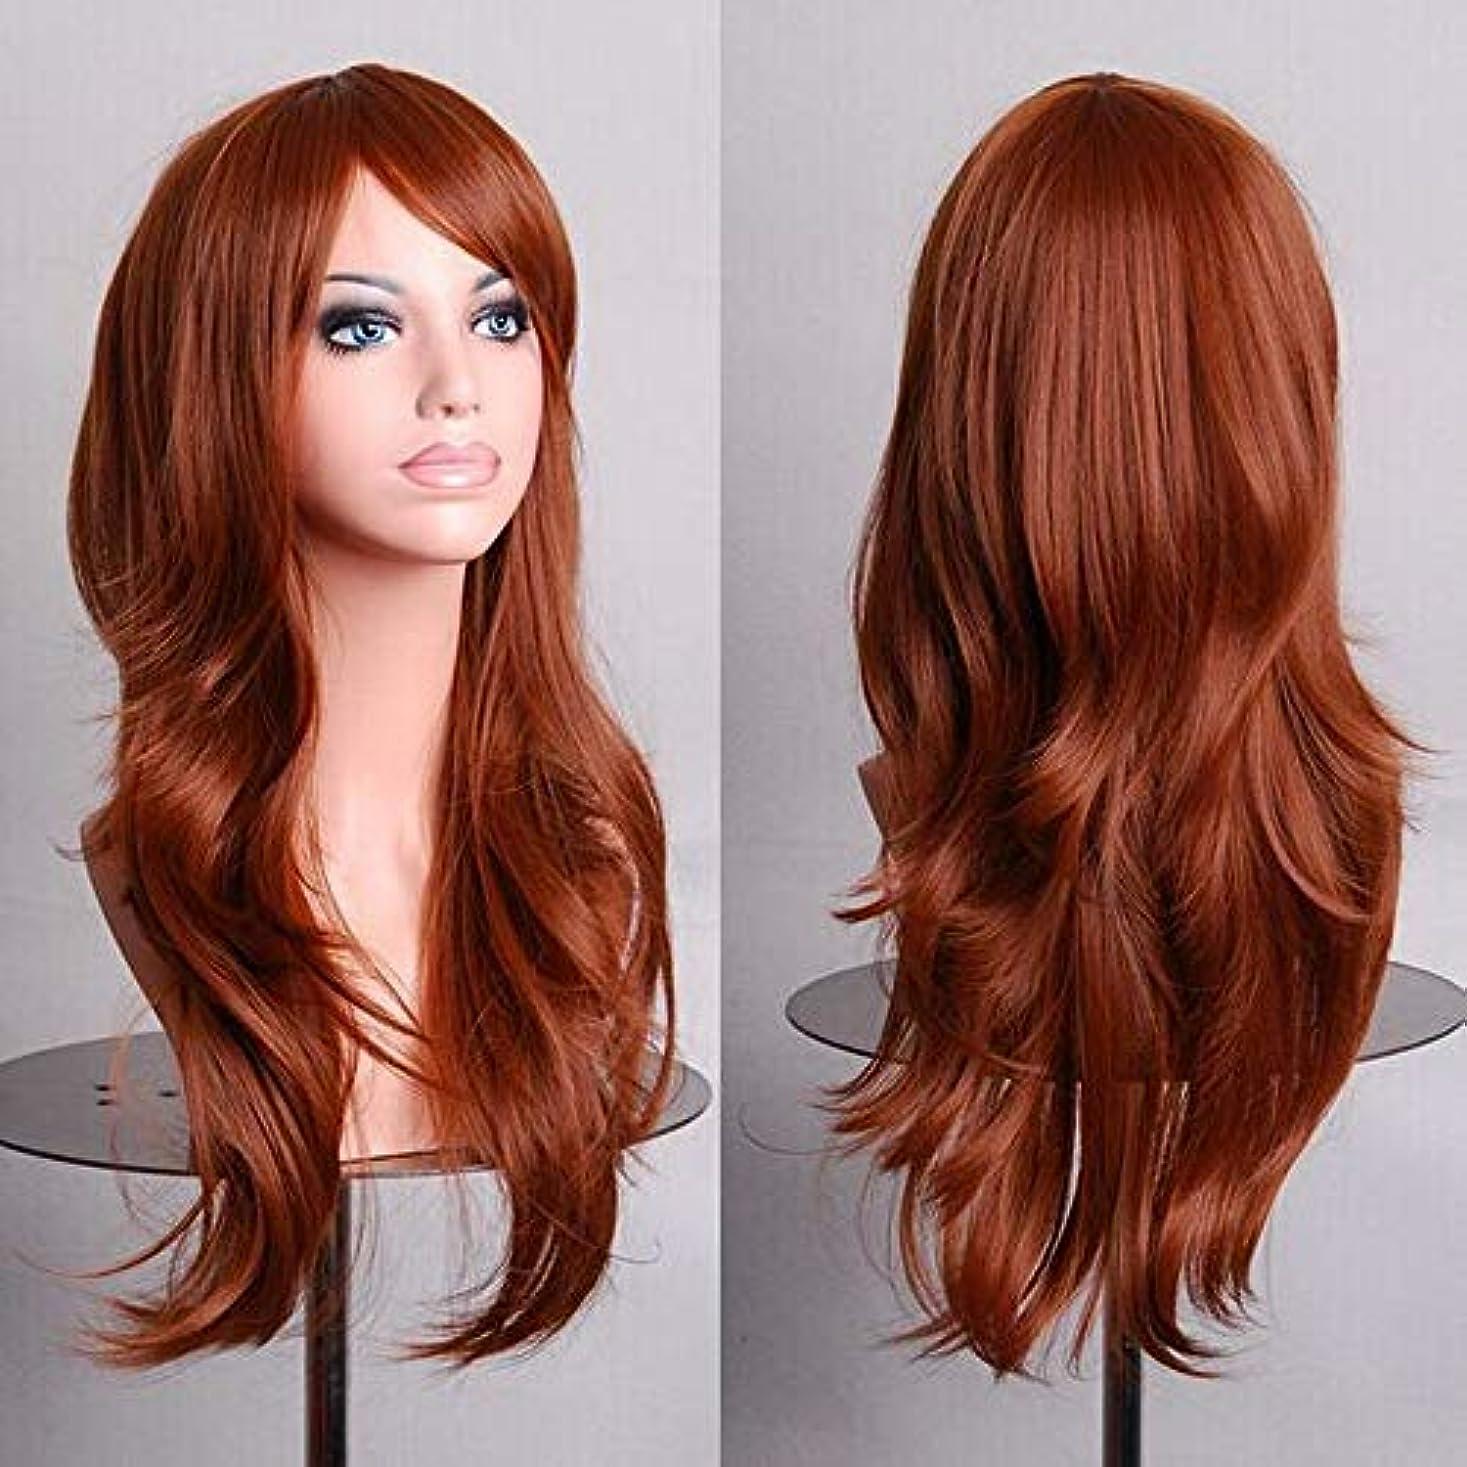 の間にスポーツマン考古学女性のための色のかつら長いウェーブのかかった髪、高密度温度合成かつら女性のグルーレスウェーブのかかったコスプレヘアウィッグ、耐熱繊維ヘアウィッグハロウィン用、黄色ウィッグ27.55インチ (Color : Brown)